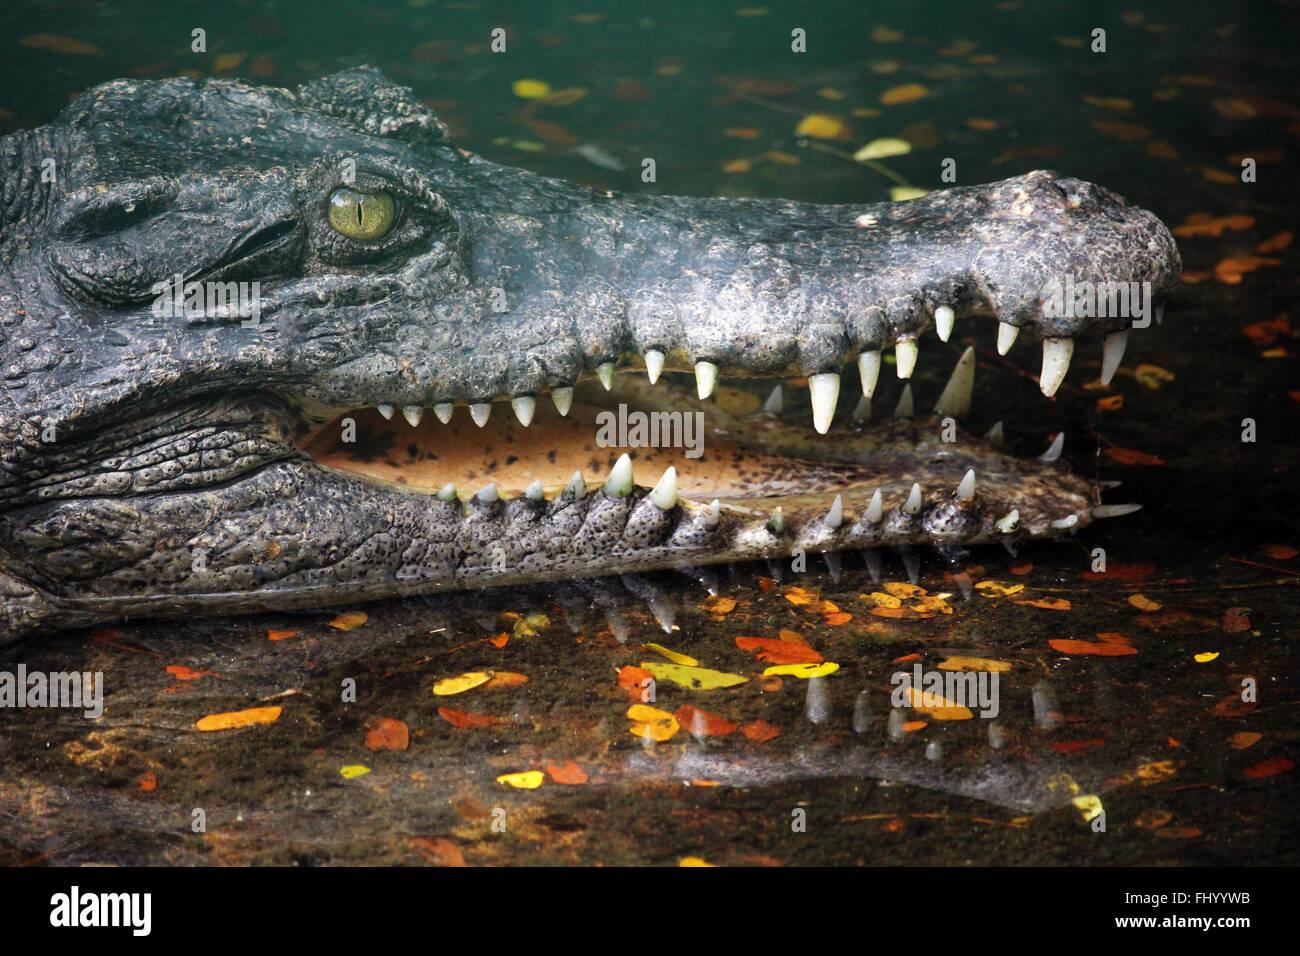 MIRI/MALAYSIA - 24 novembre 2015: un coccodrillo con grandi denti in Borneo vicino al confine tra la Malaysia e Brunei Foto Stock